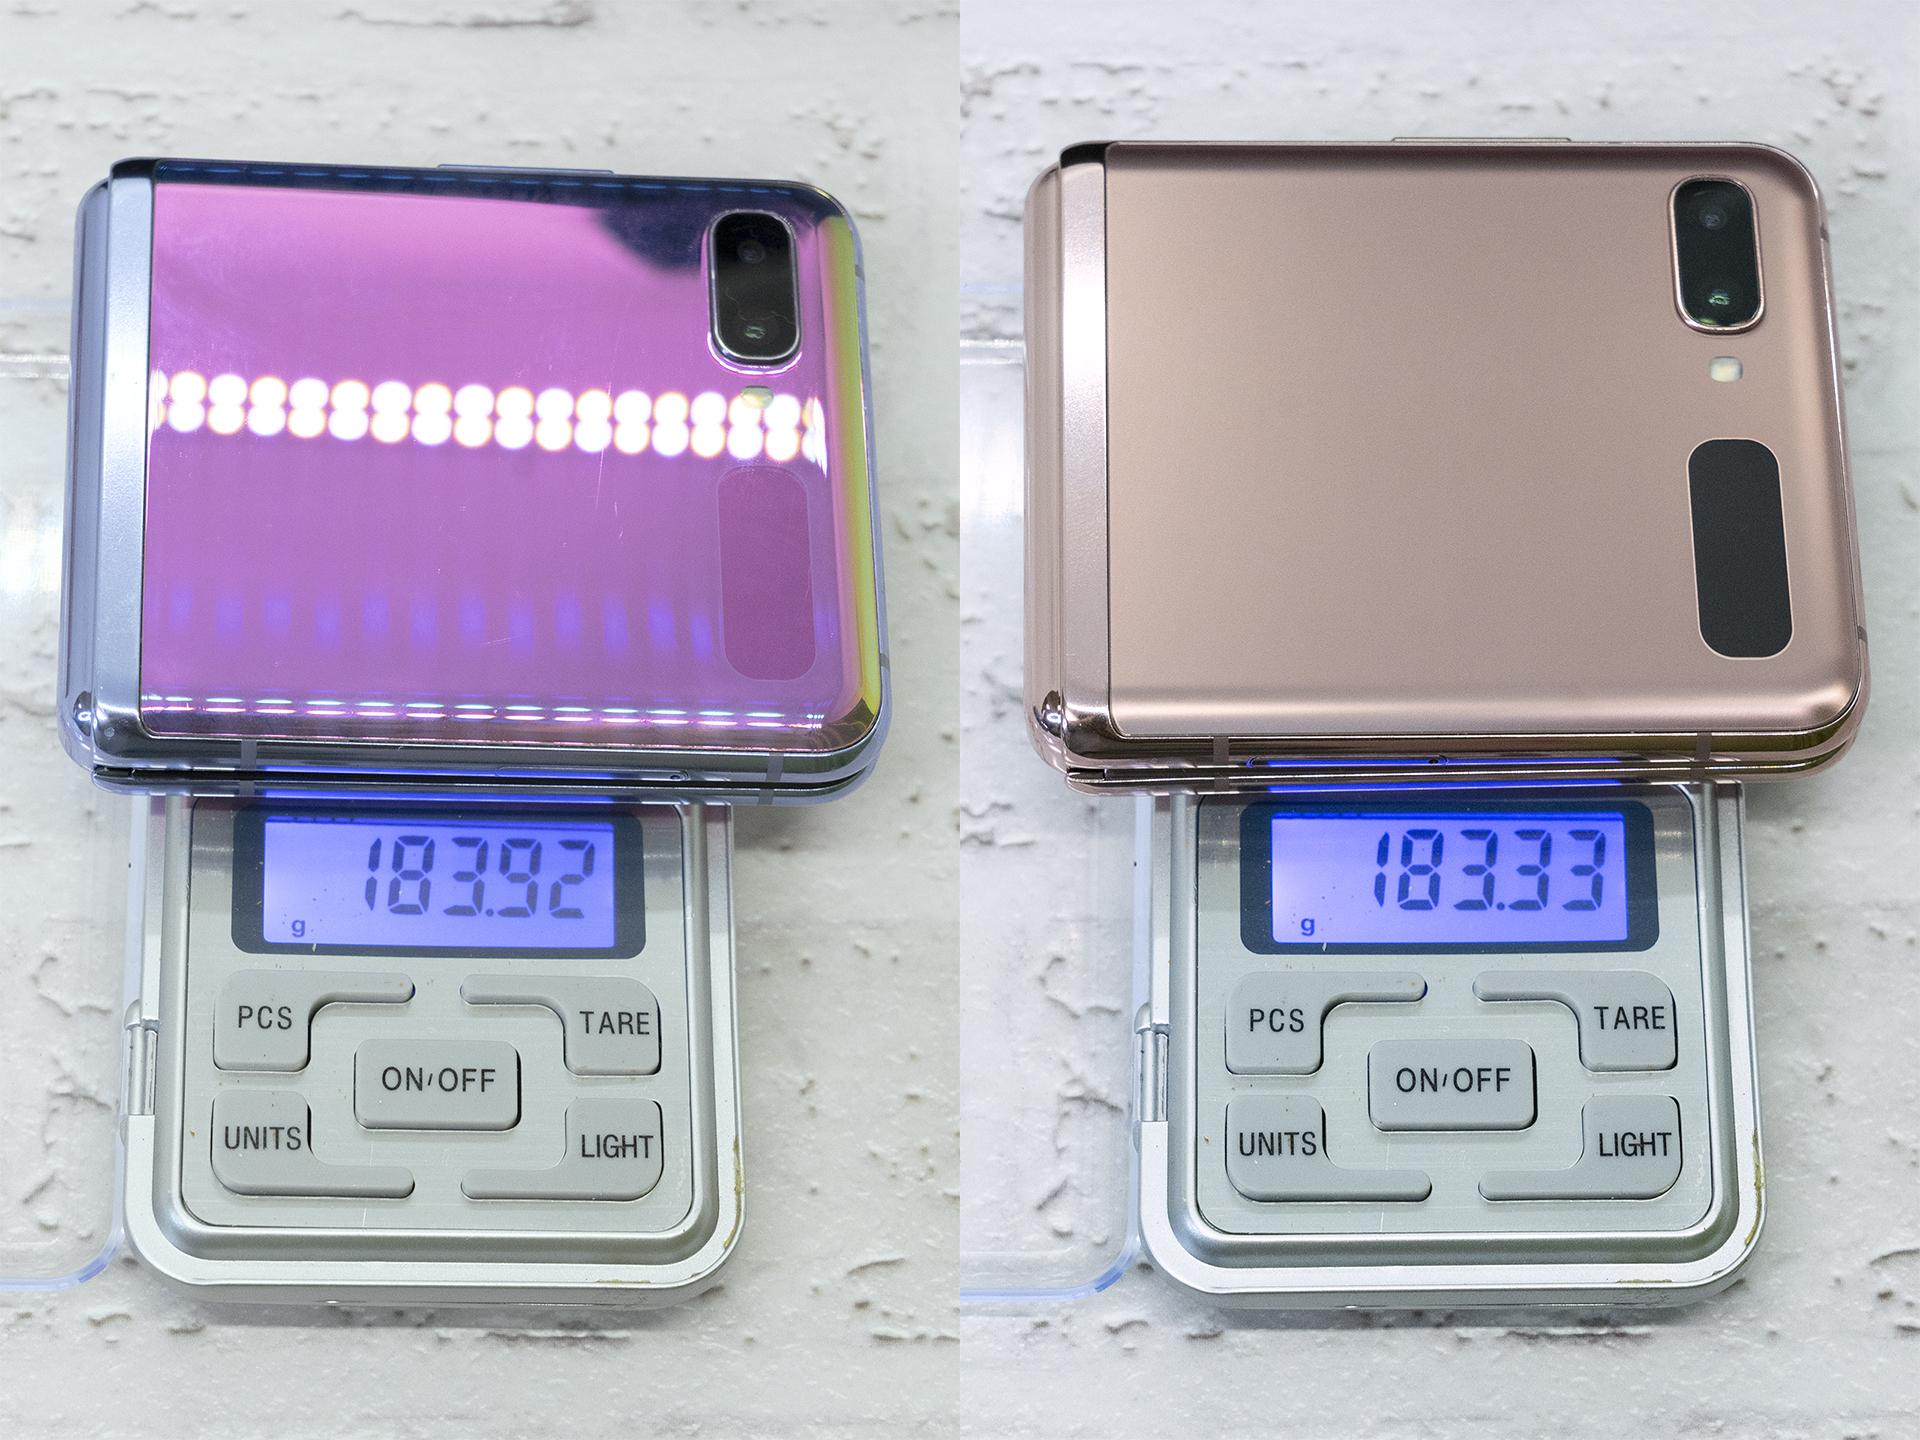 au Galaxy Z Flip 4G/5G